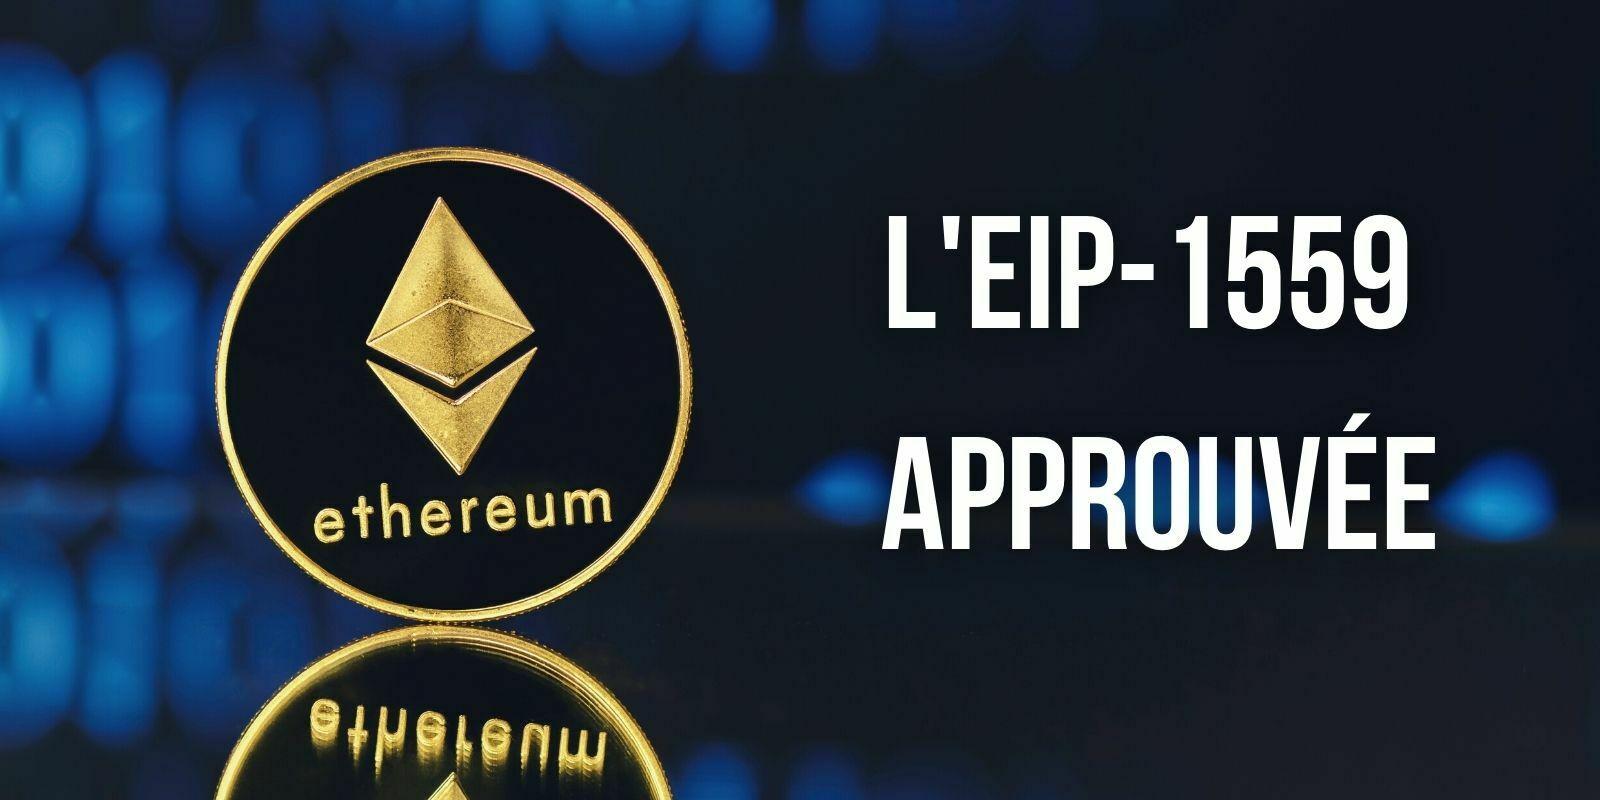 Les développeurs d'Ethereum approuvent l'EIP-1559 pour le mois de juillet